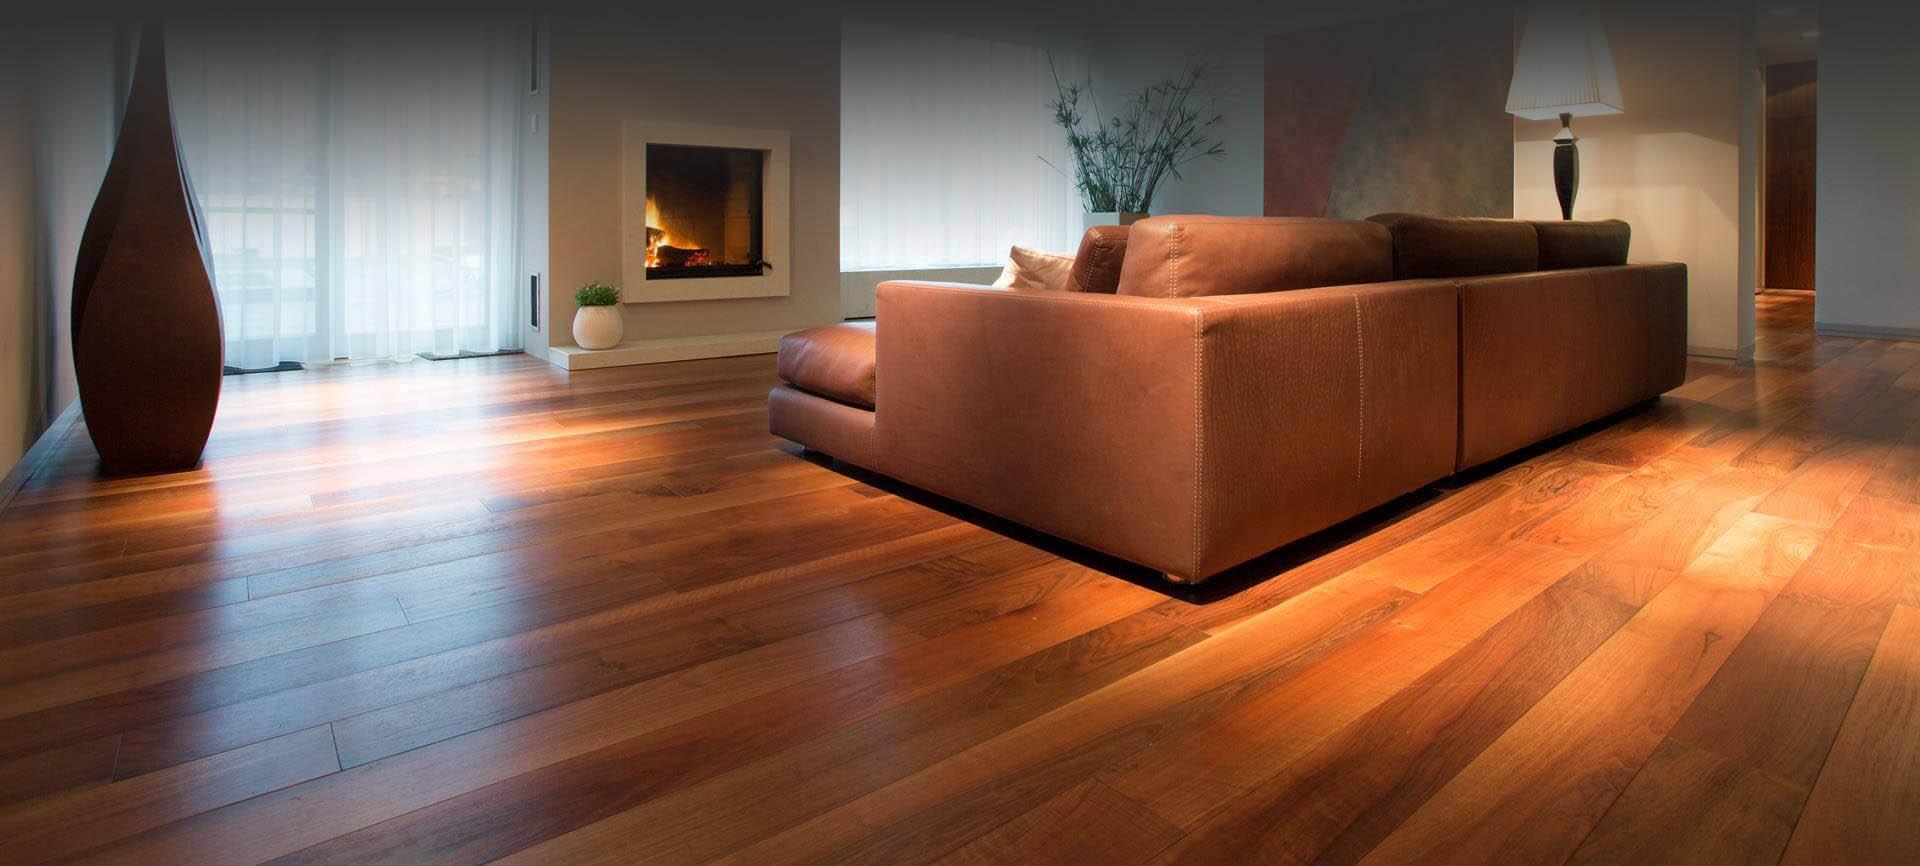 Laminate Flooring Perth Wa Carpet Vidalondon